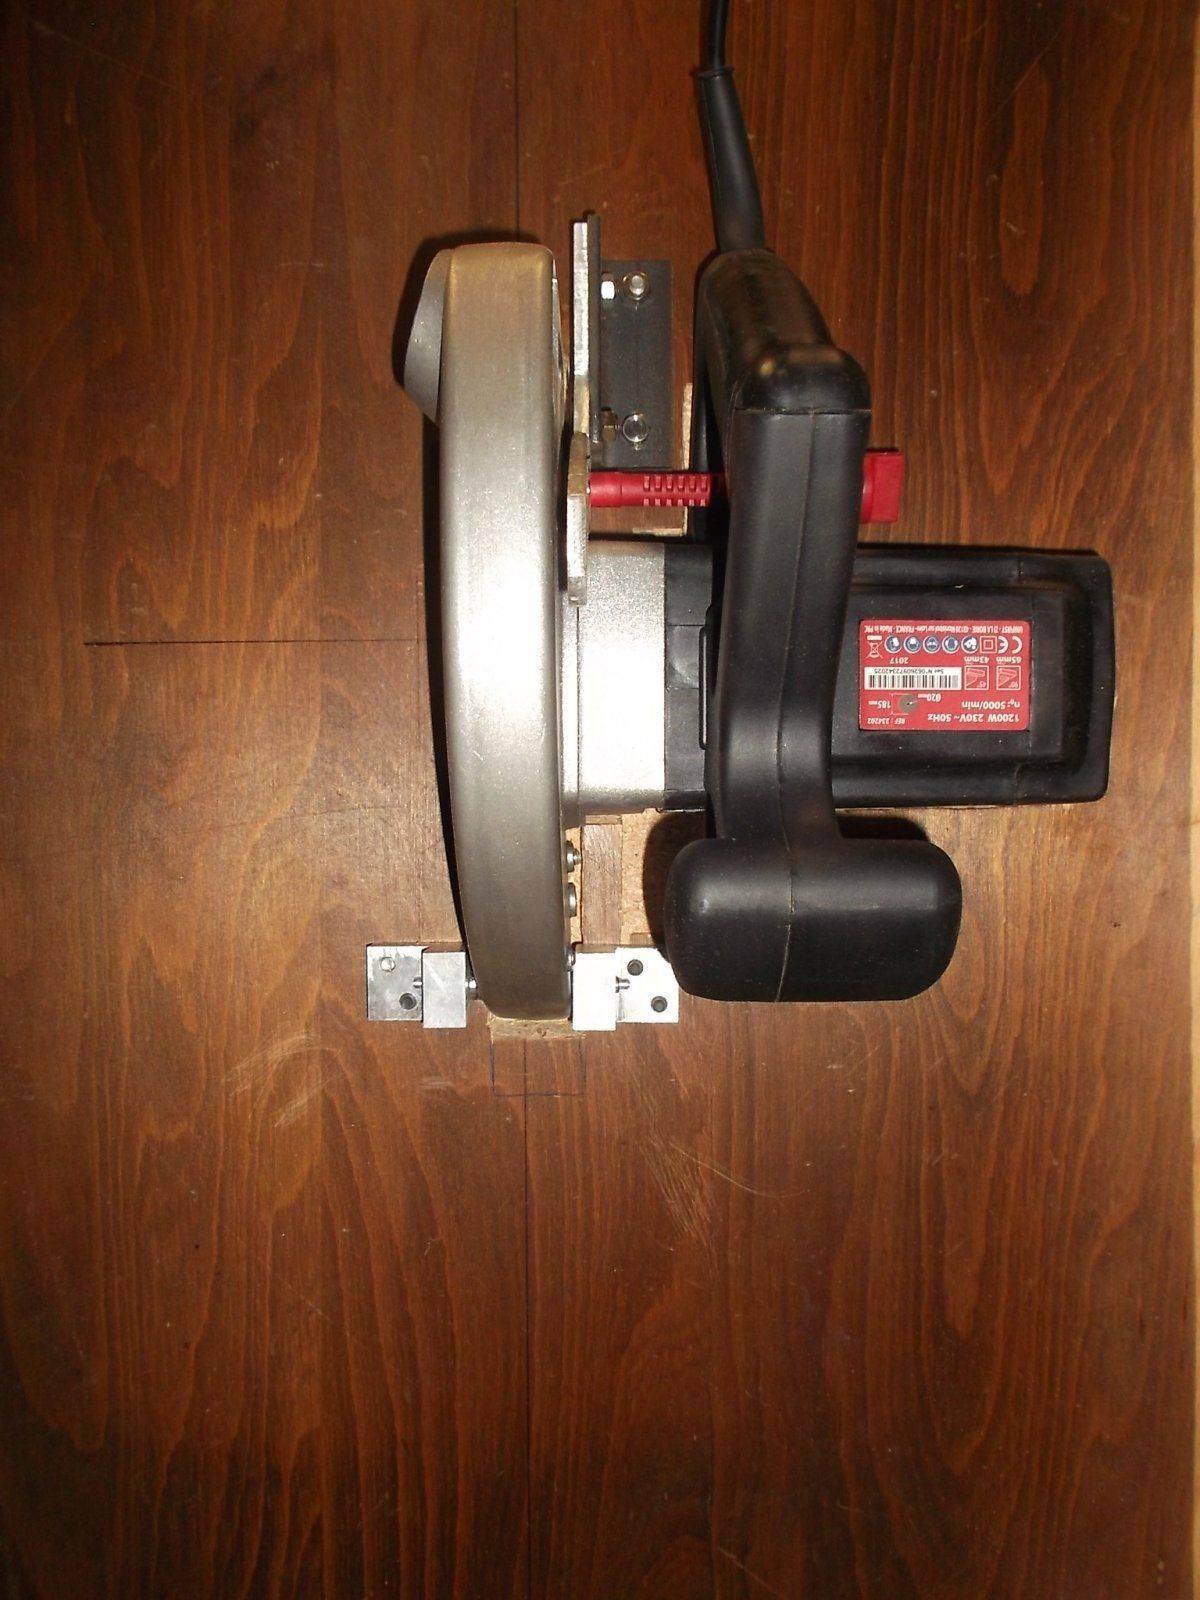 DSCF2566.JPG